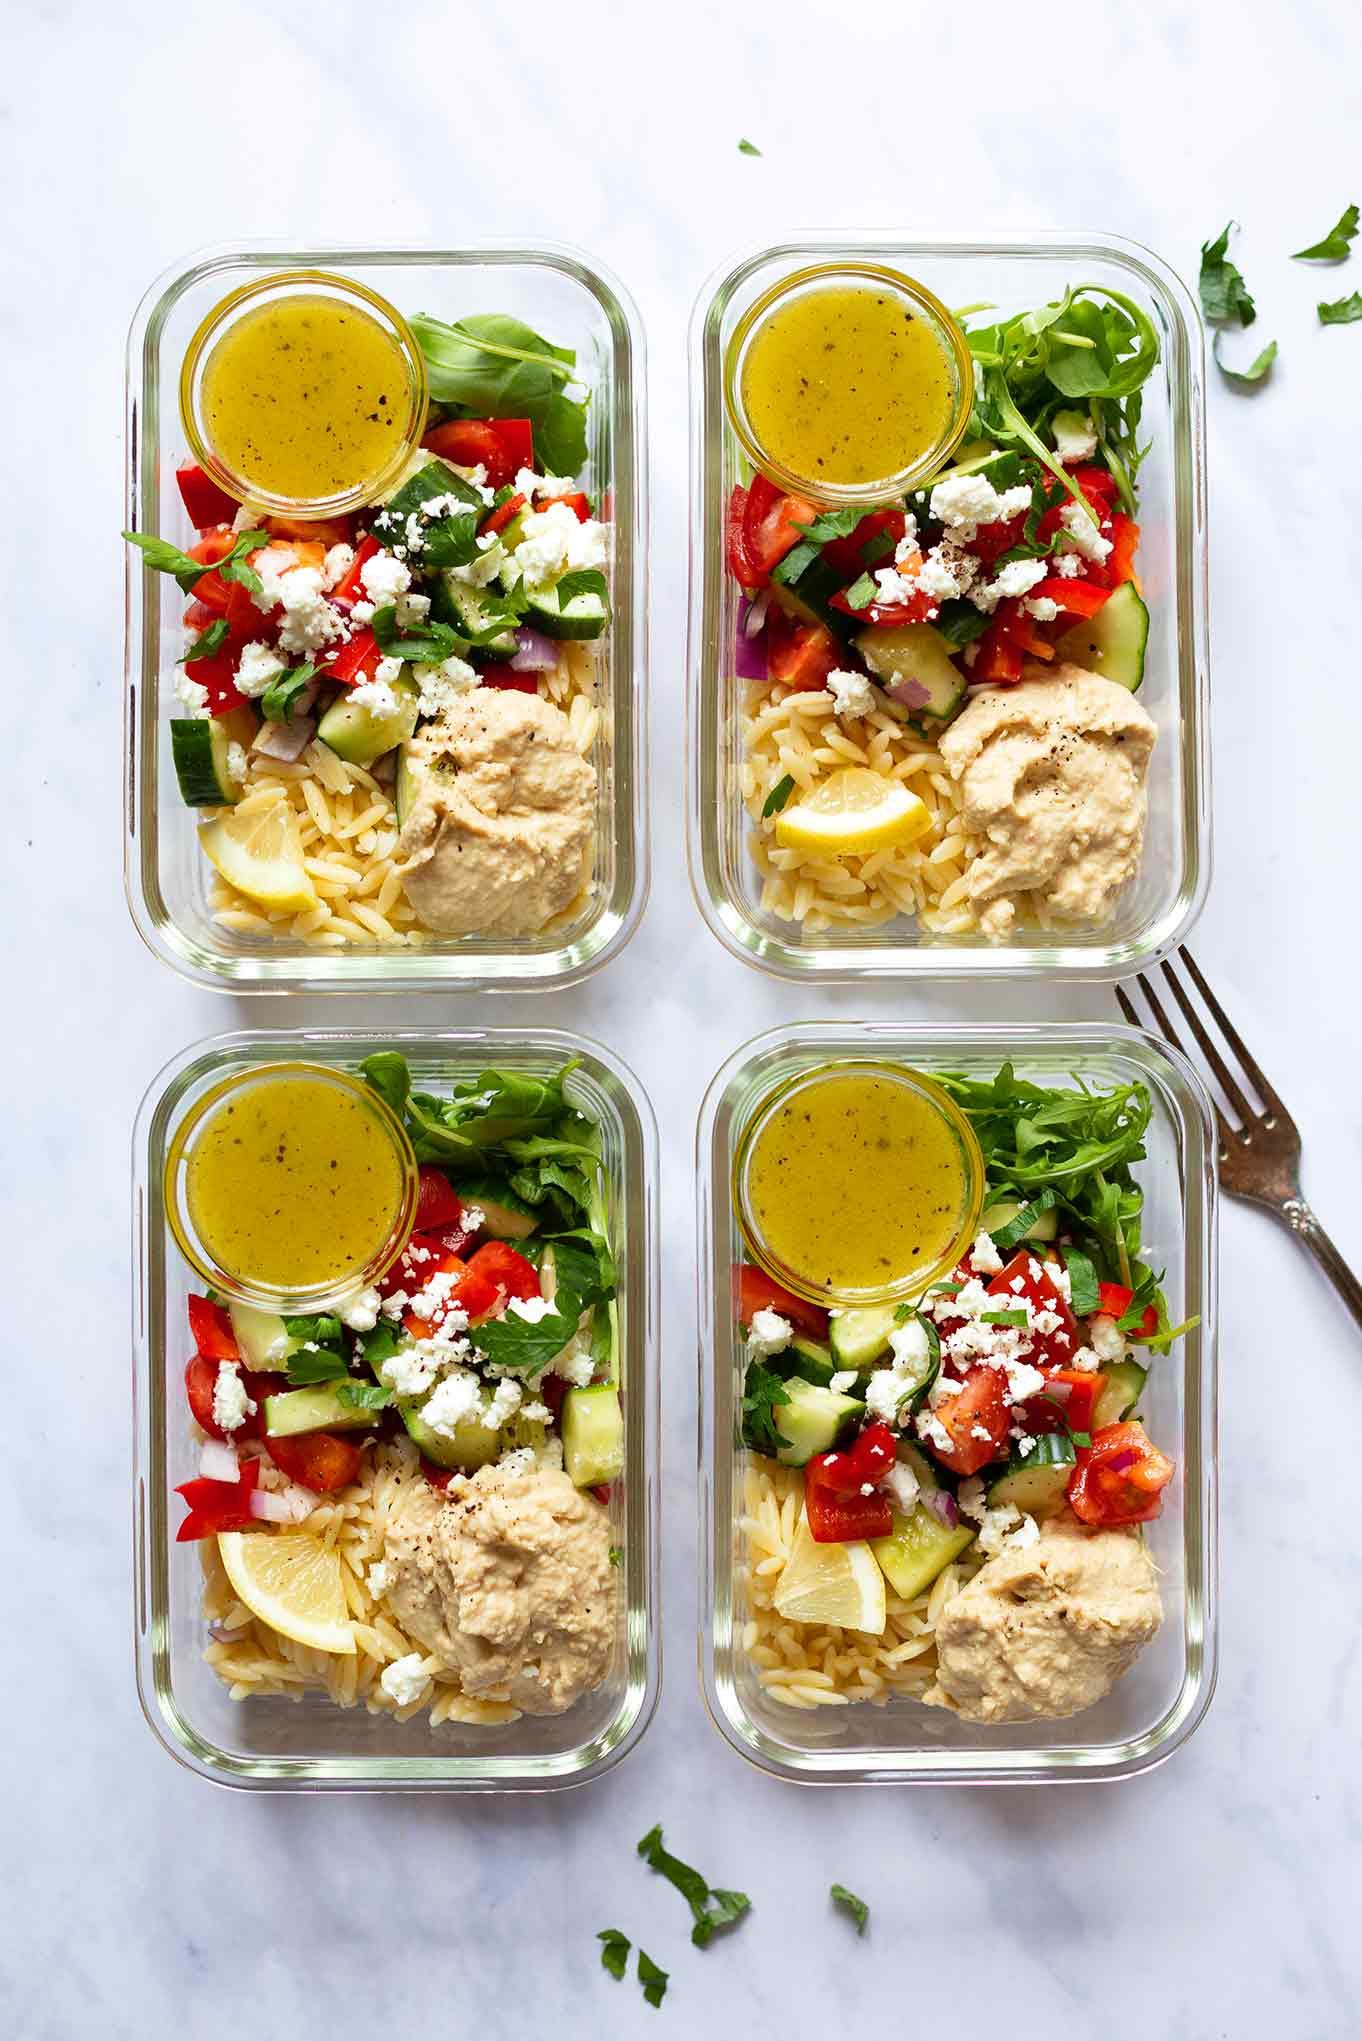 Hummus-Orzo-Meal Prep-Salat. Dieses leckere Meal Prep Rezept ist leicht, lecker, ein perfektes Sommerrezept und einfach schnell gekocht - Kochkarussell Foodblog #mealprep #orzo #hummus #salatrezept #kochkarussell